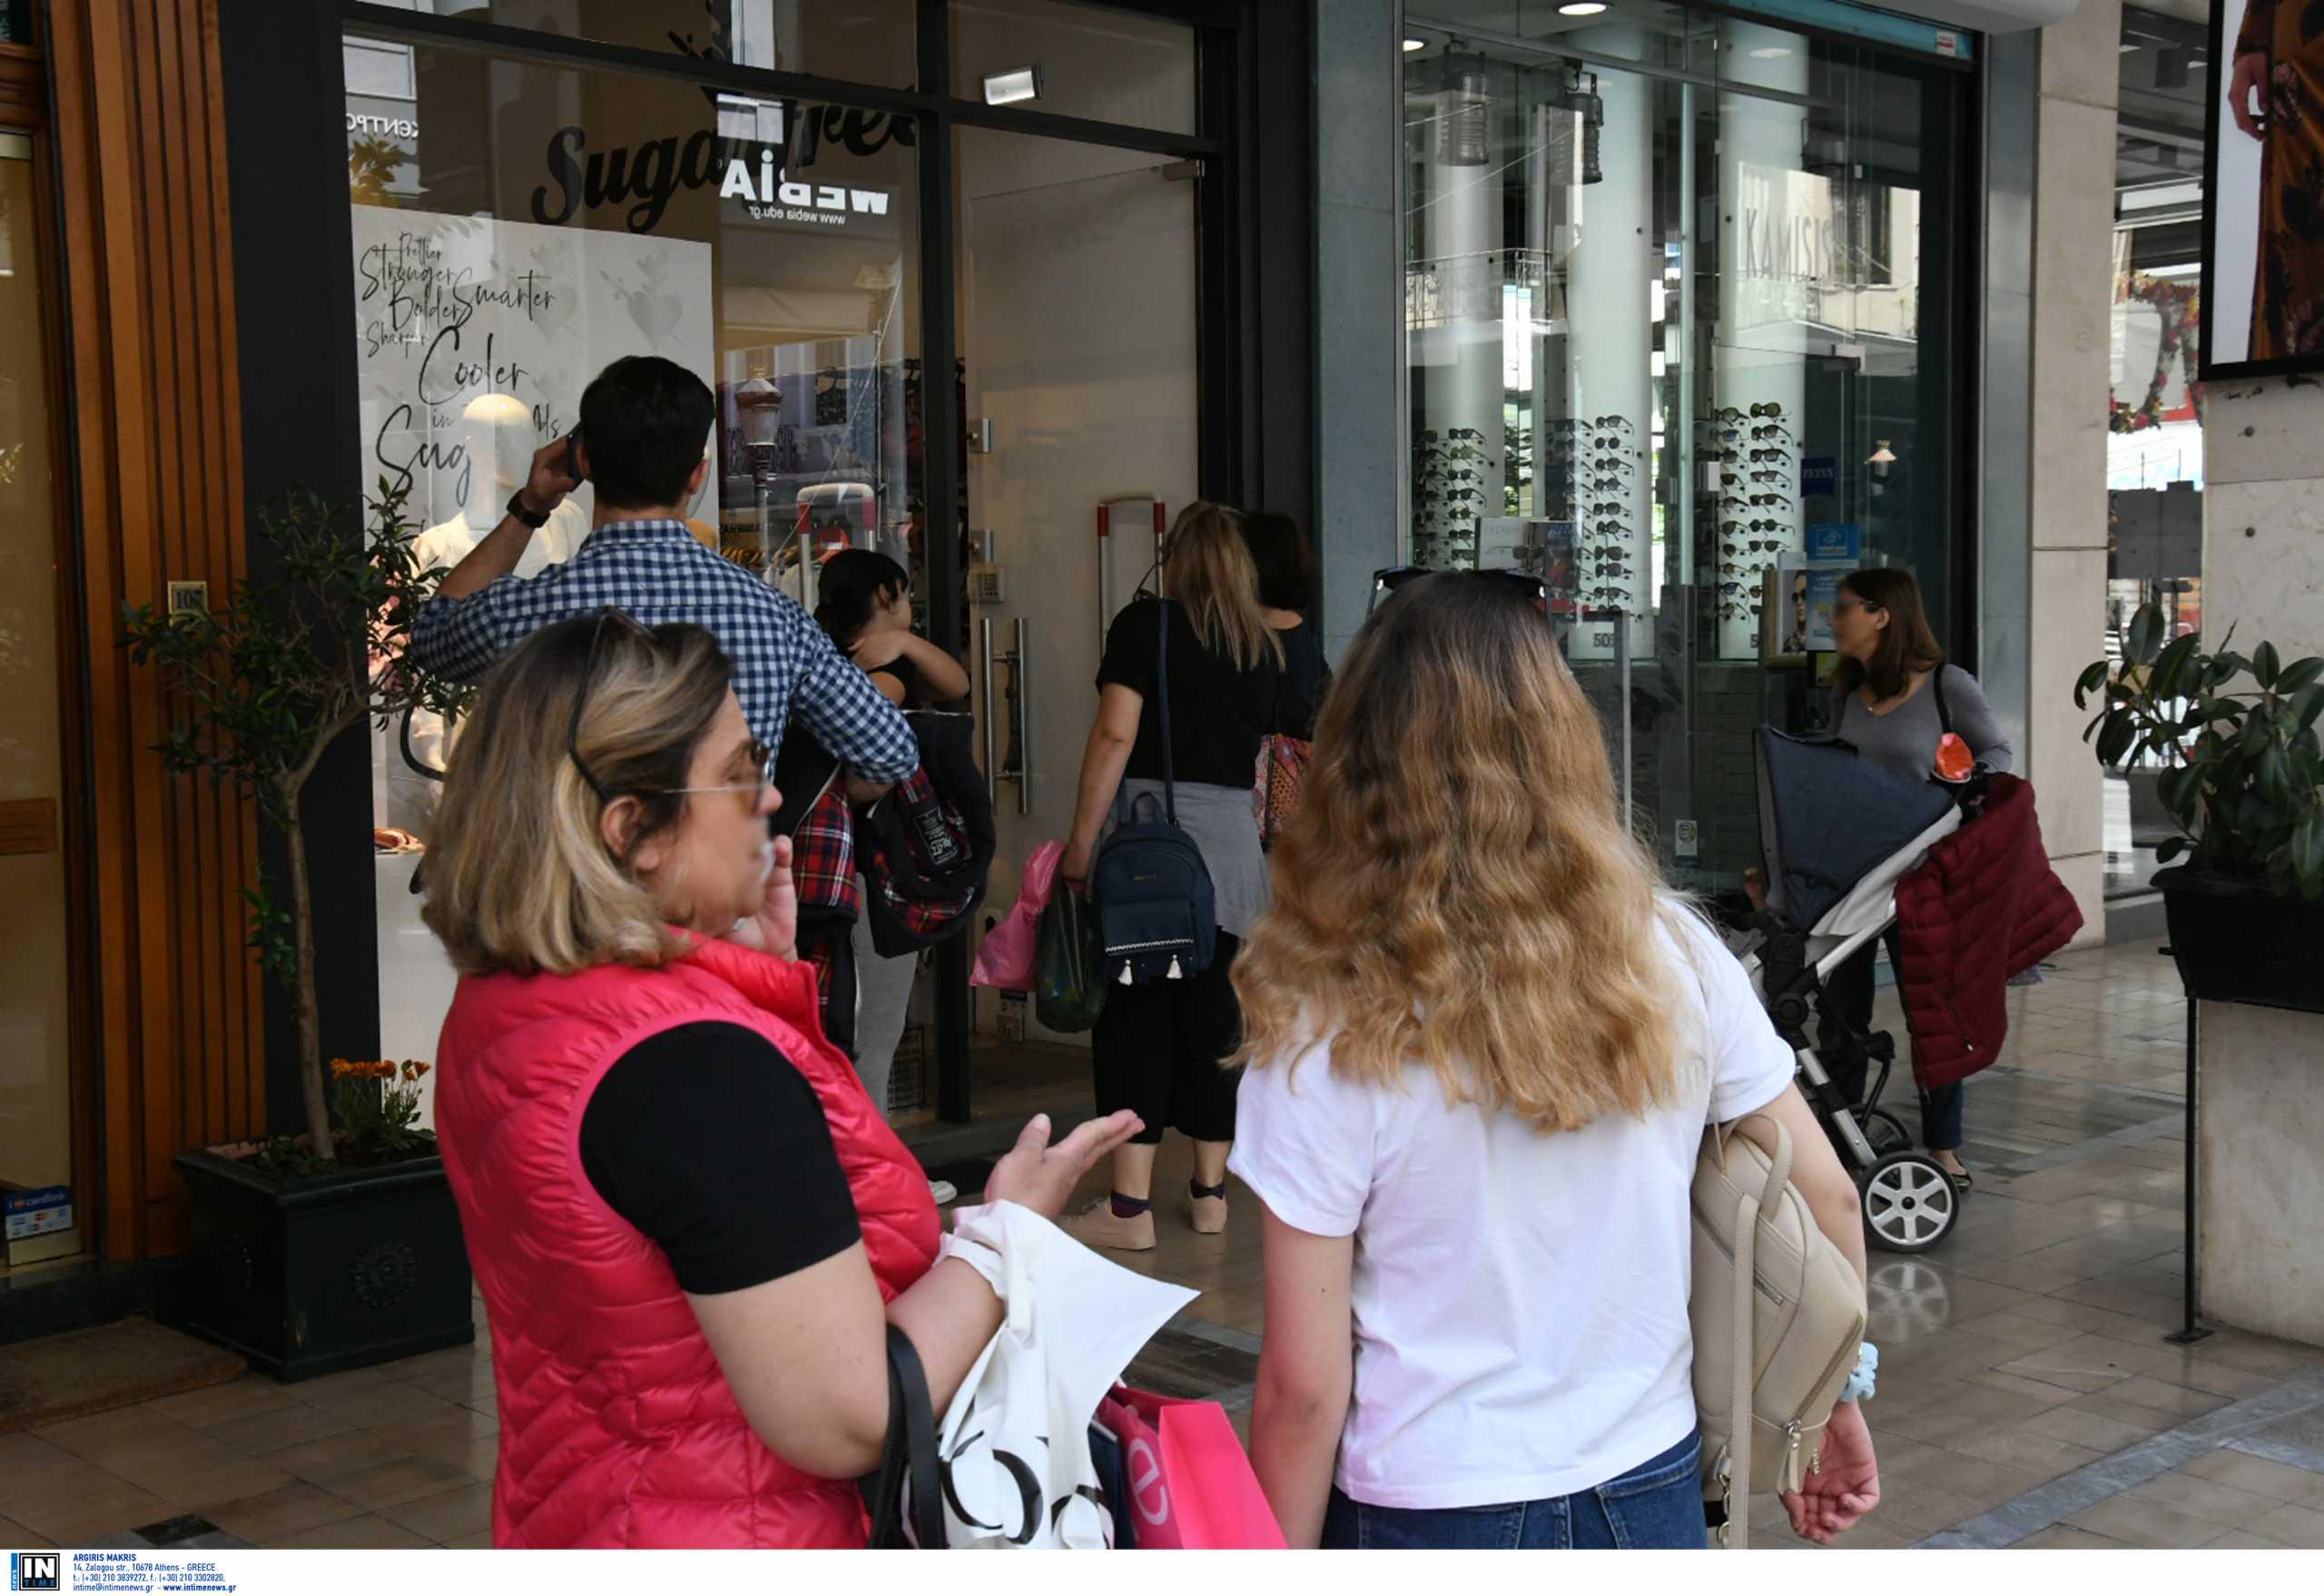 Εκπτώσεις με ανοικτά μαγαζιά την Κυριακή – Τι ισχύει για κομμωτήρια και σούπερ μάρκετ